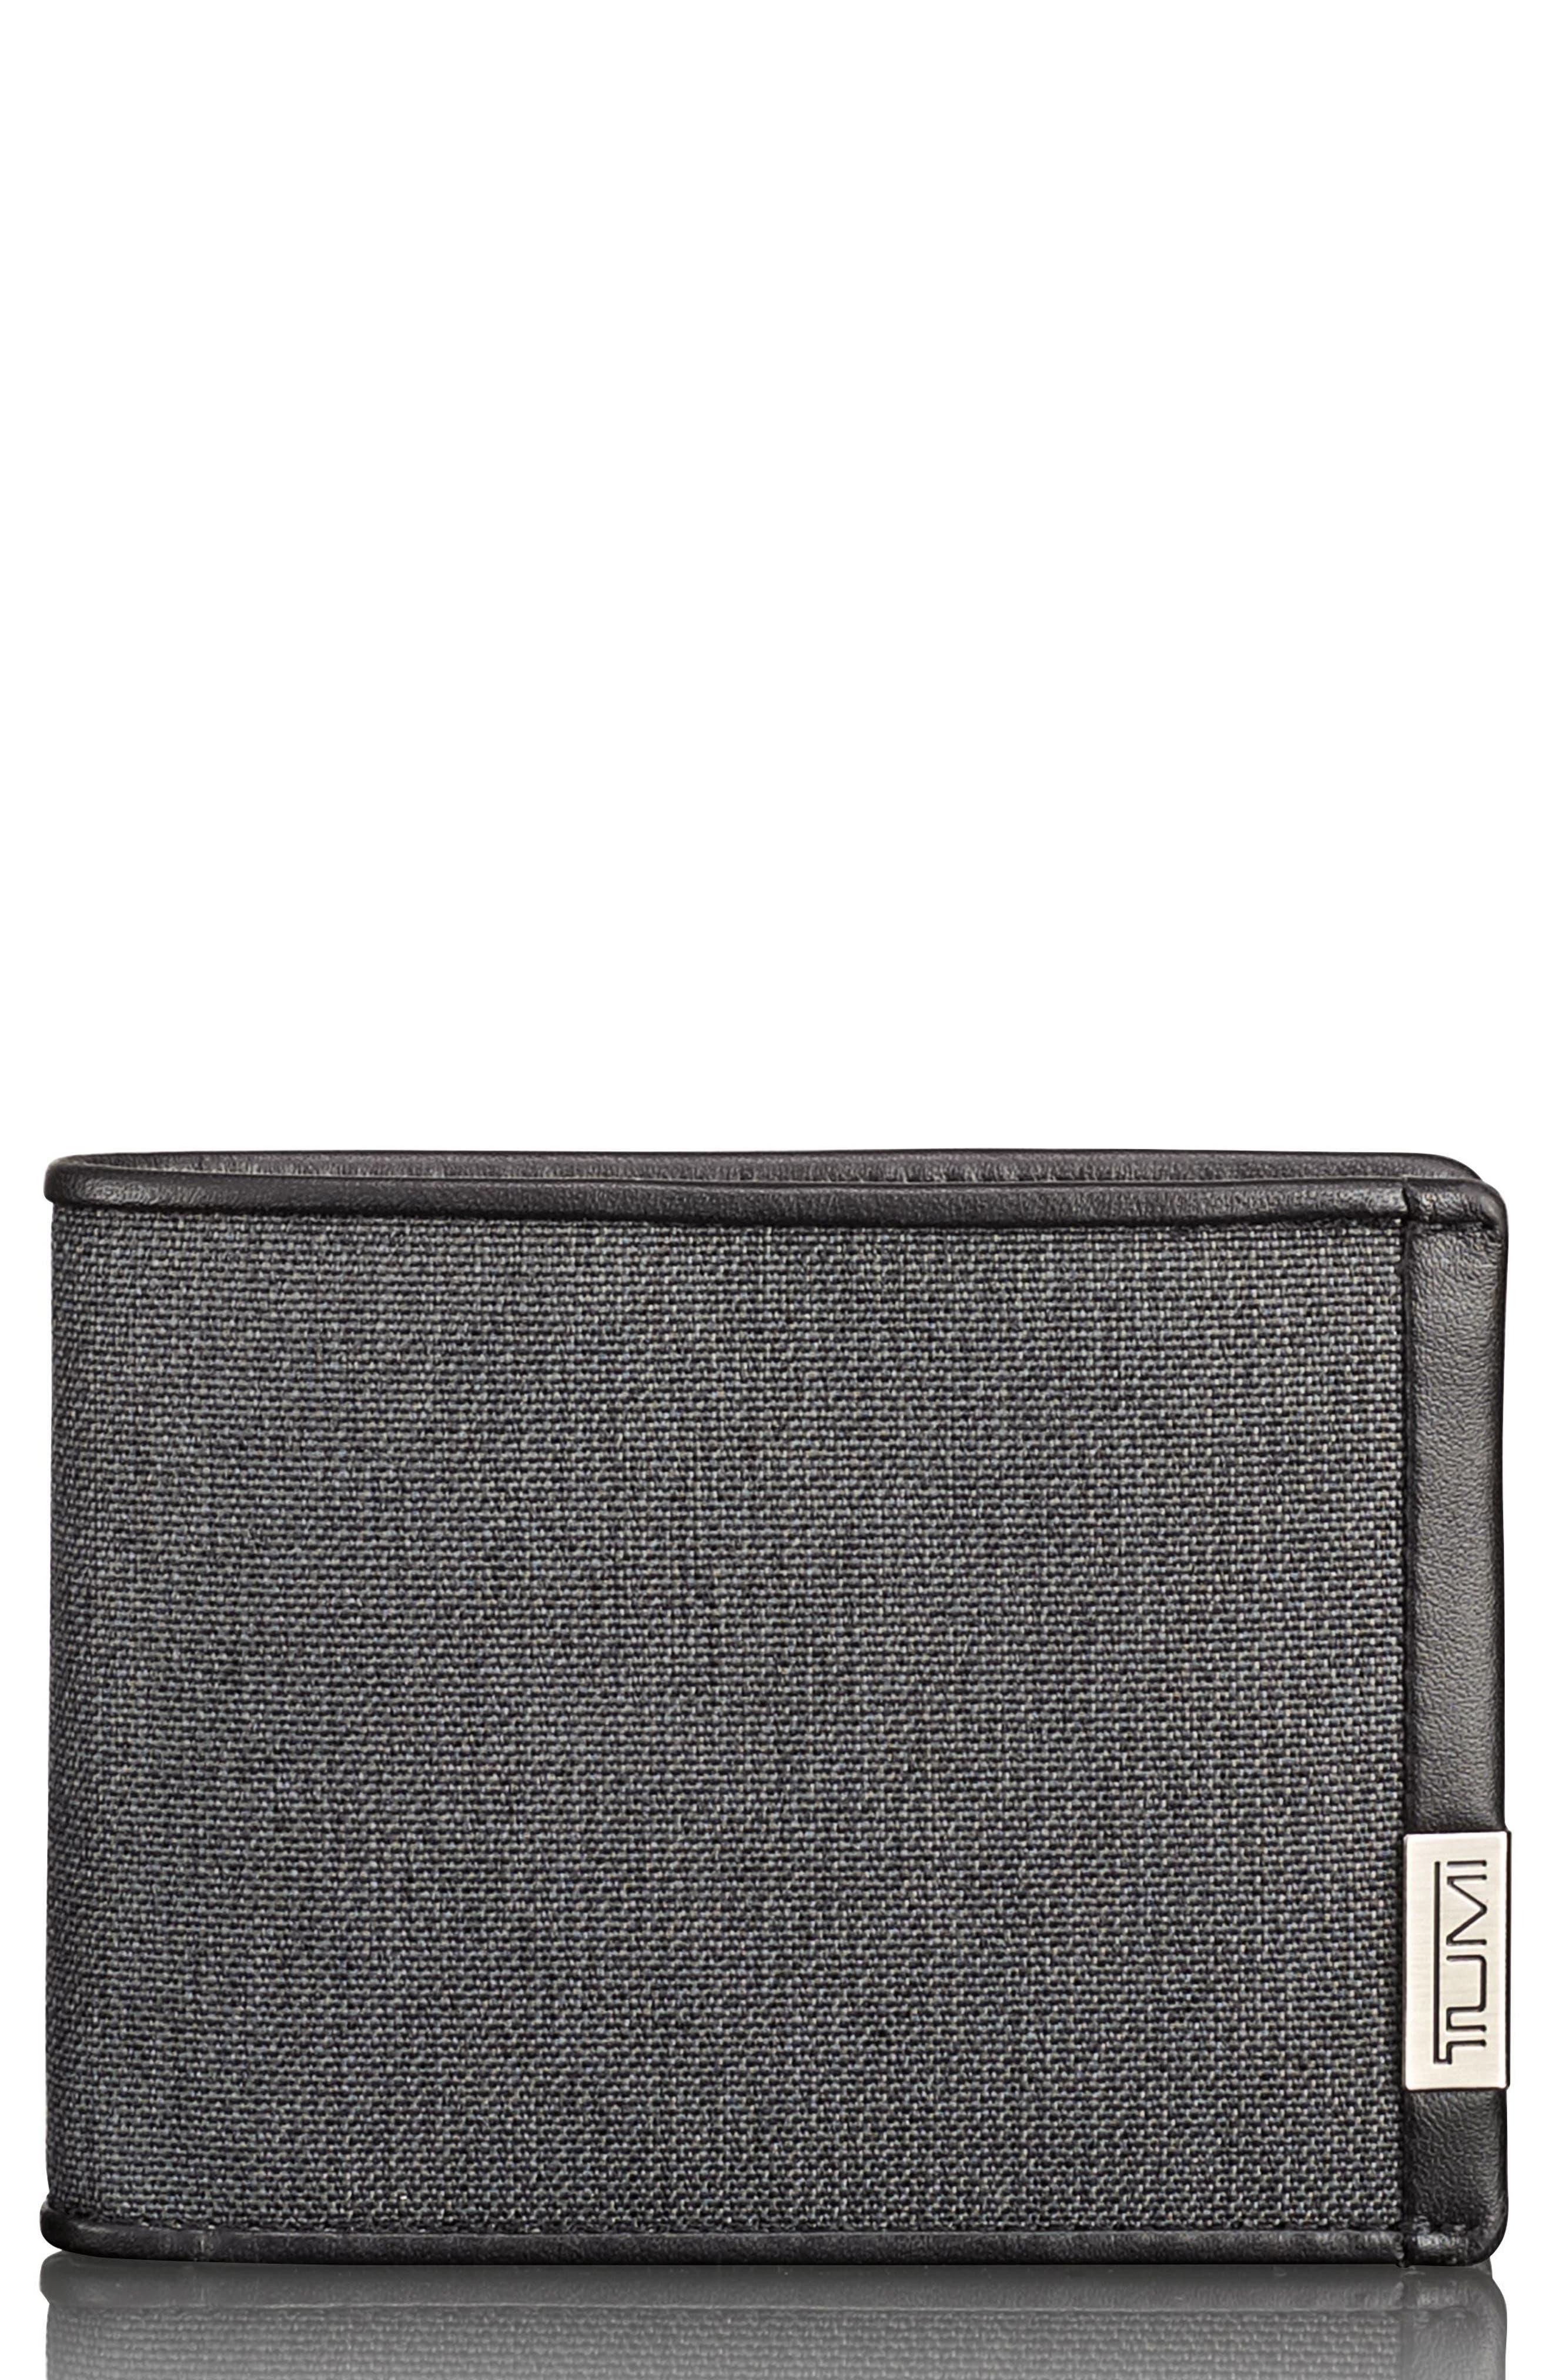 Alpha Billfold Wallet,                         Main,                         color, Anthracite/ Black